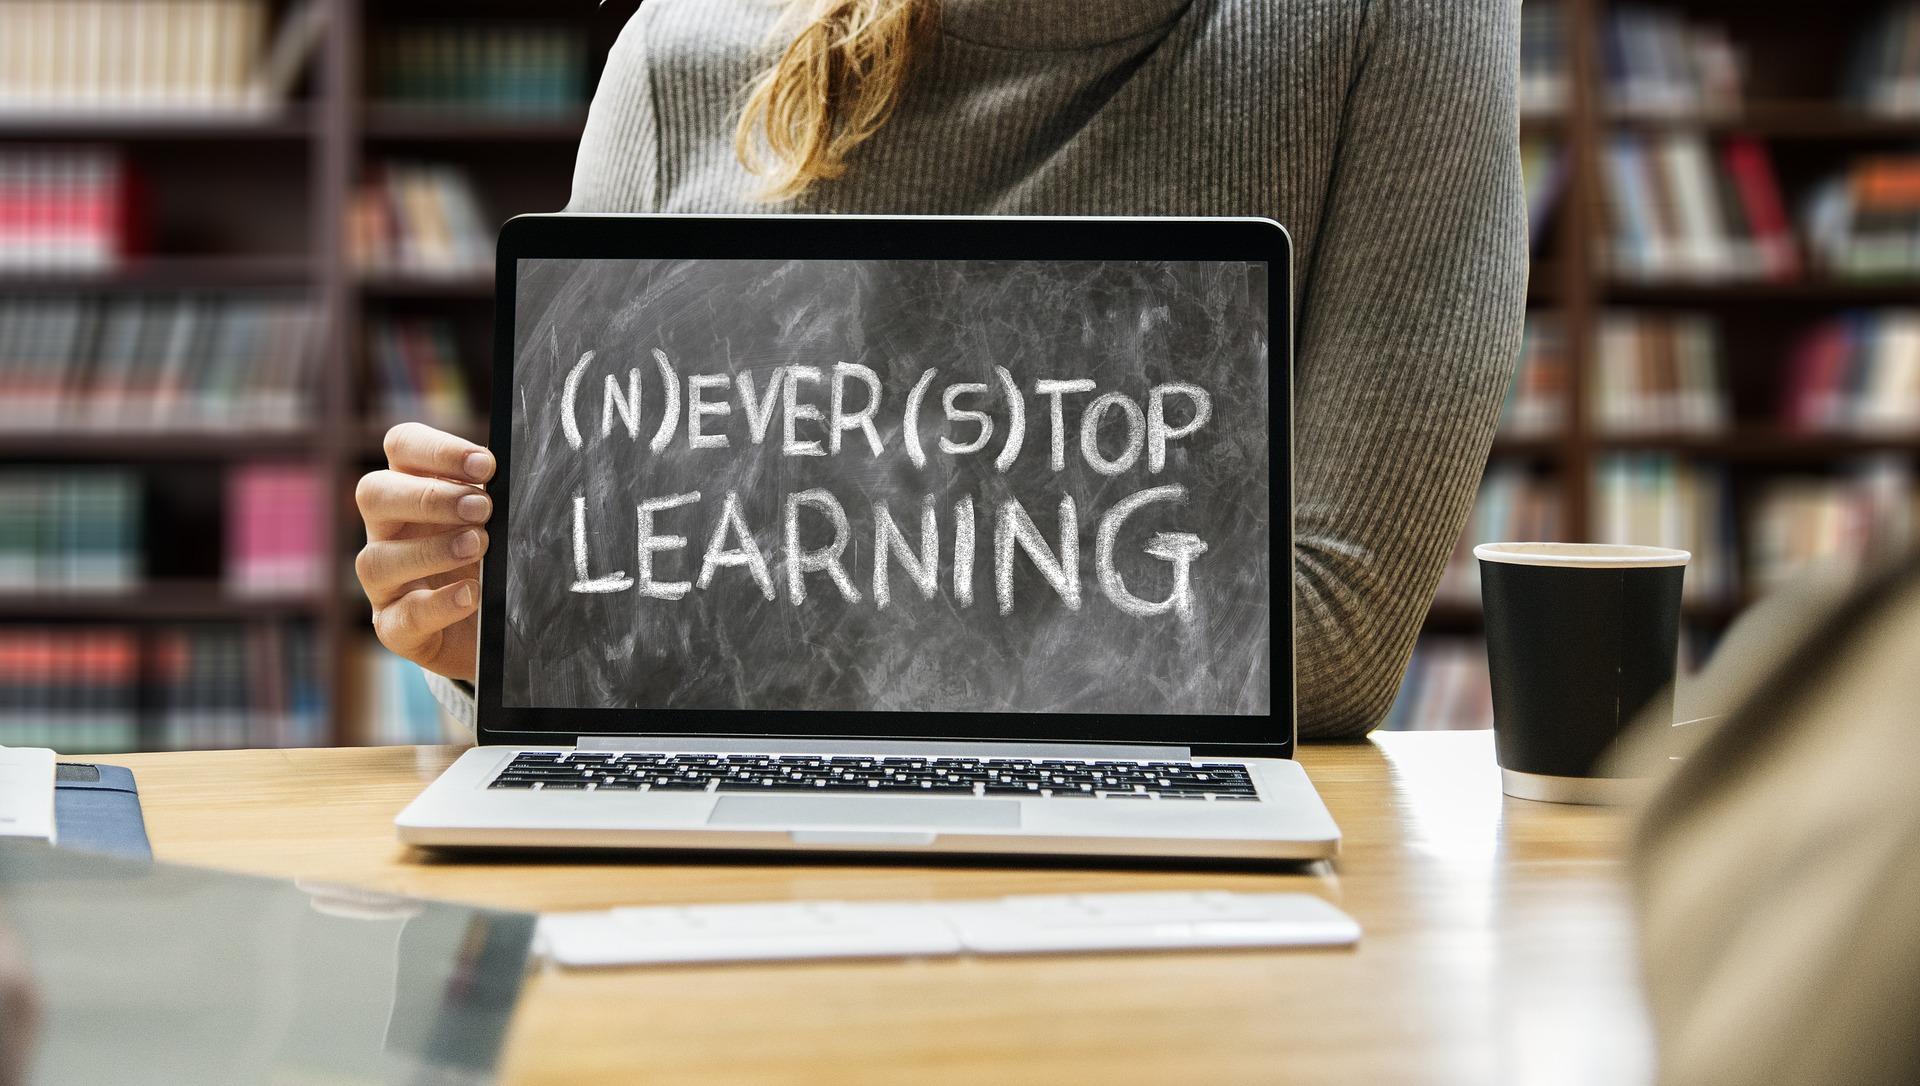 learn-3653430_1920jpg